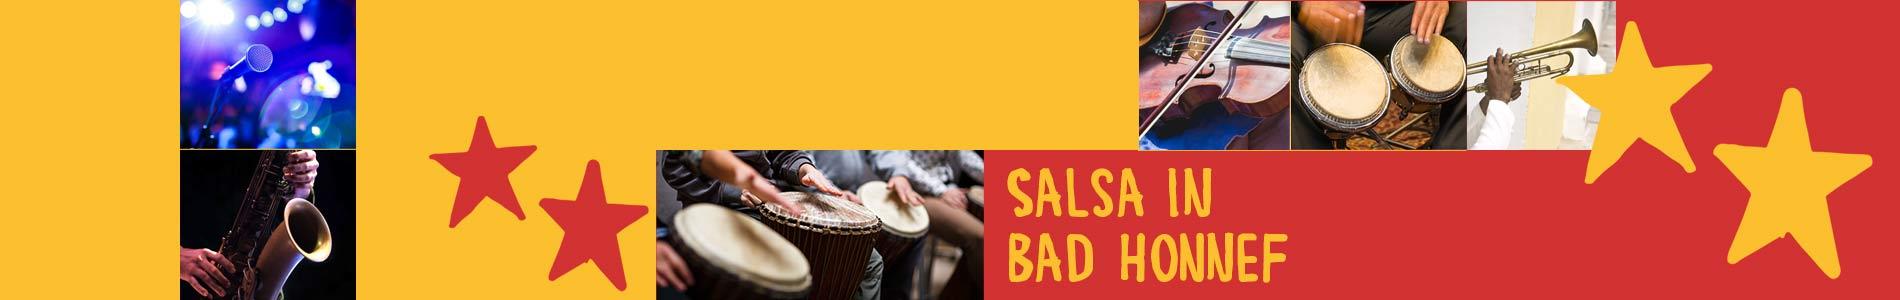 Salsa in Bad Honnef – Salsa lernen und tanzen, Tanzkurse, Partys, Veranstaltungen